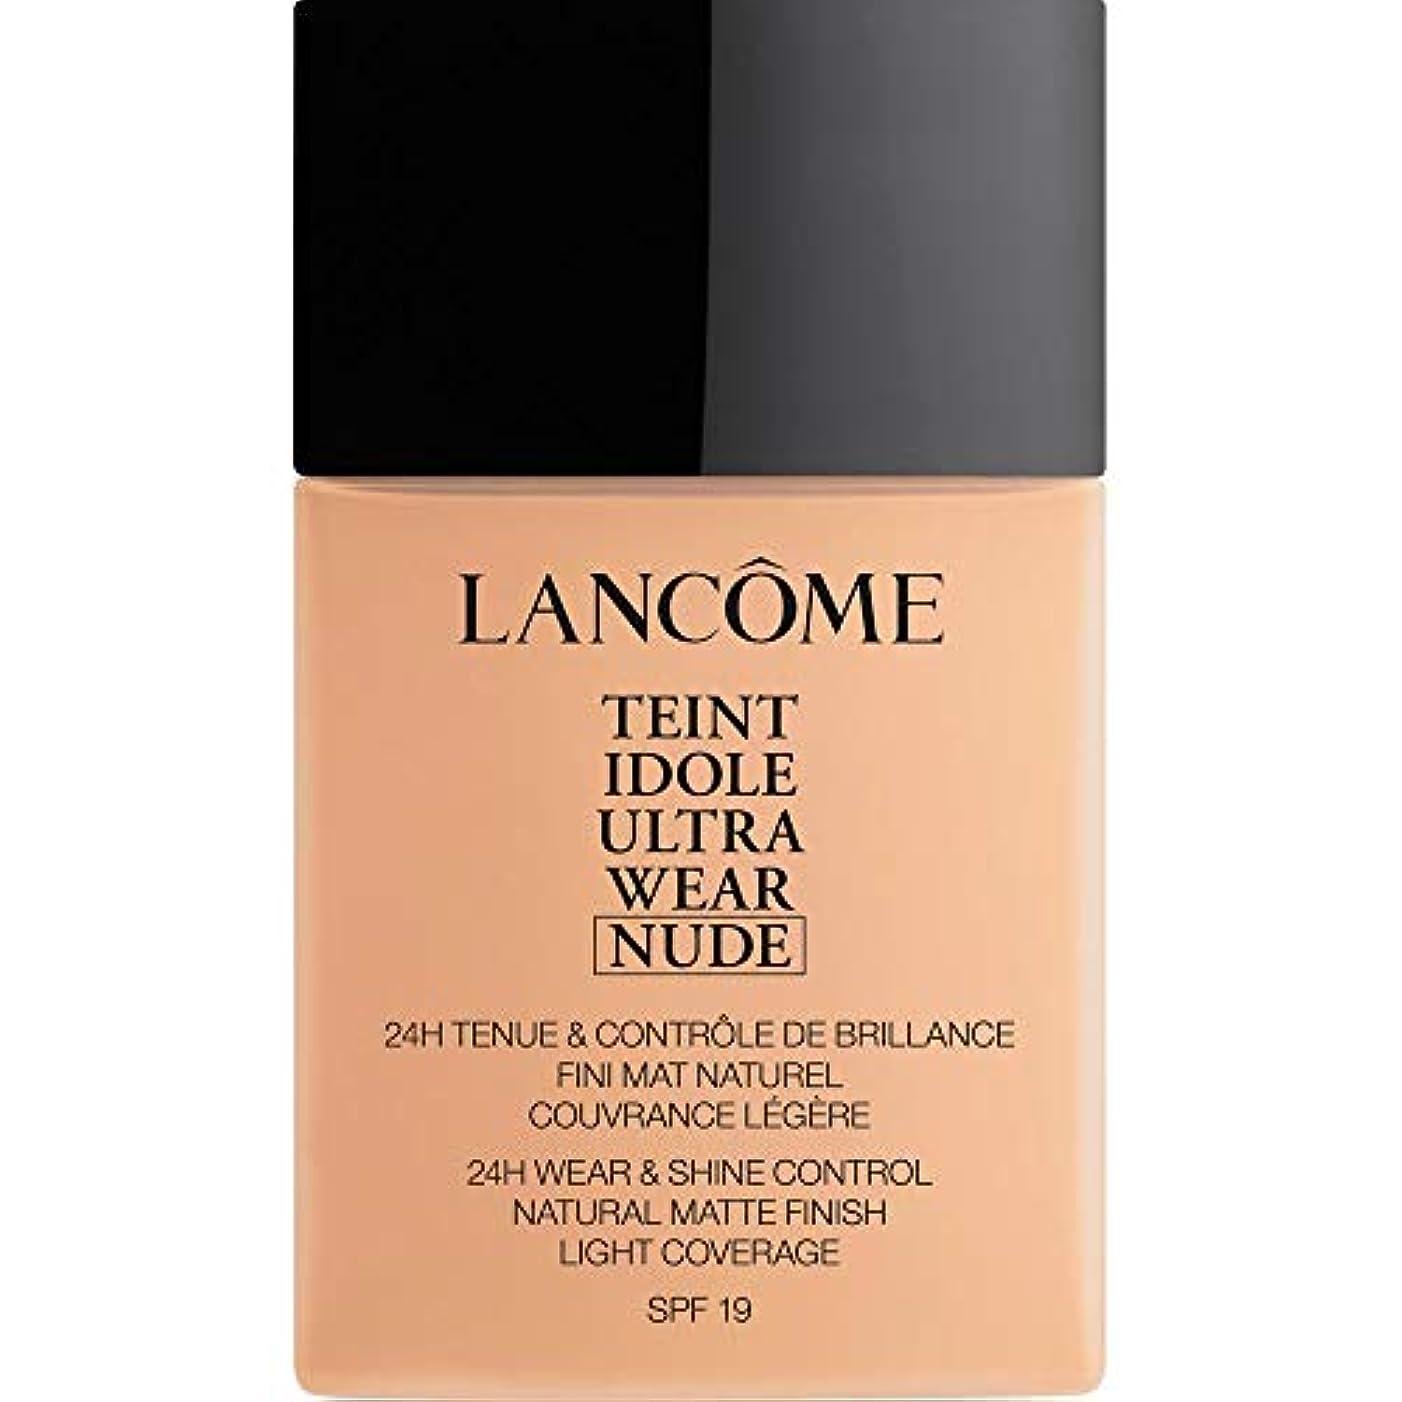 同盟音楽対称[Lanc?me ] ランコムTeintのIdole超摩耗ヌード財団Spf19の40ミリリットル023 - ベージュオロール - Lancome Teint Idole Ultra Wear Nude Foundation...